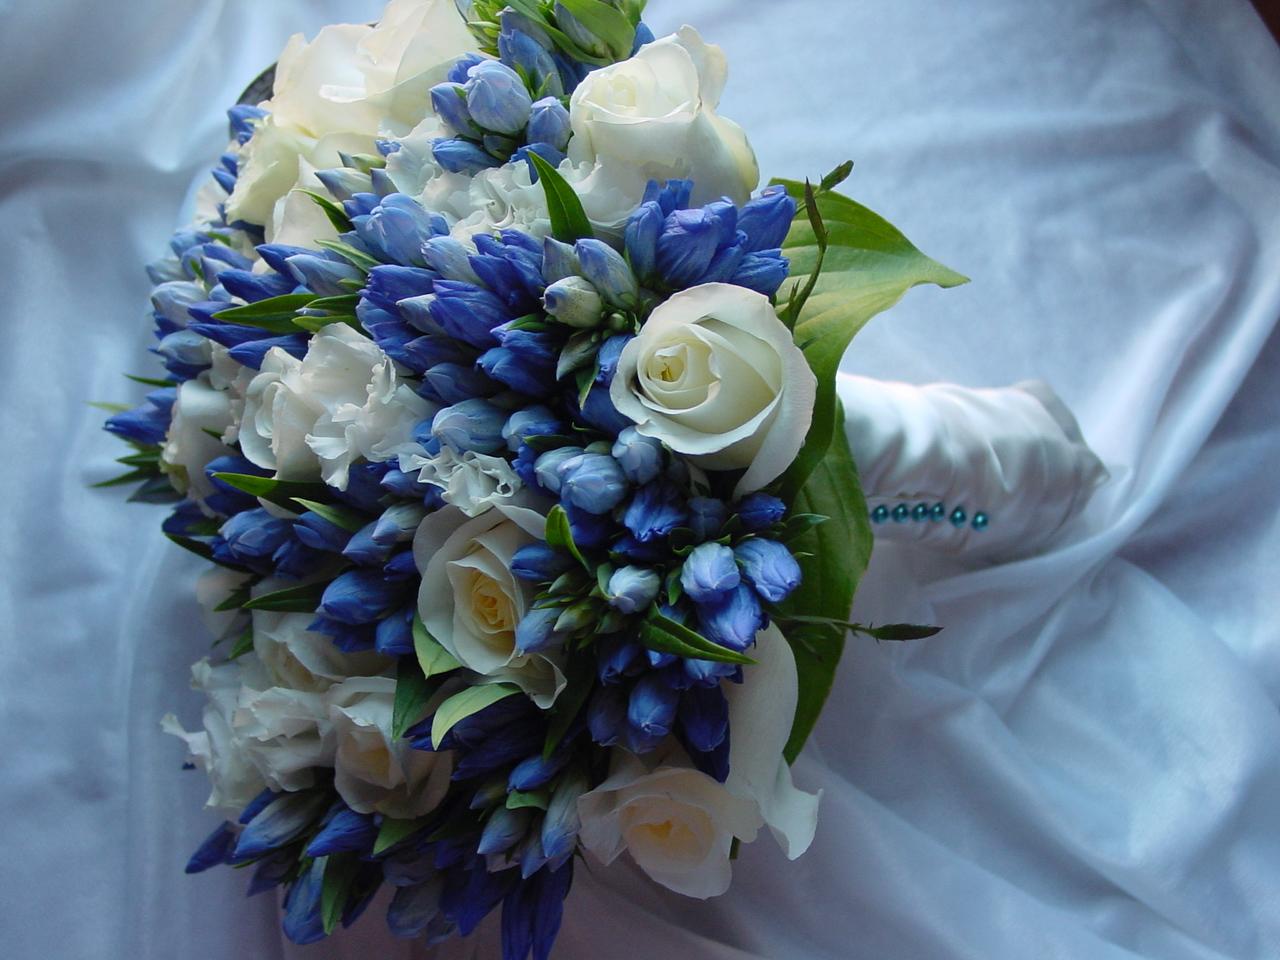 White Flowers For Wedding 17 Desktop Wallpaper Hdflowerwallpaper